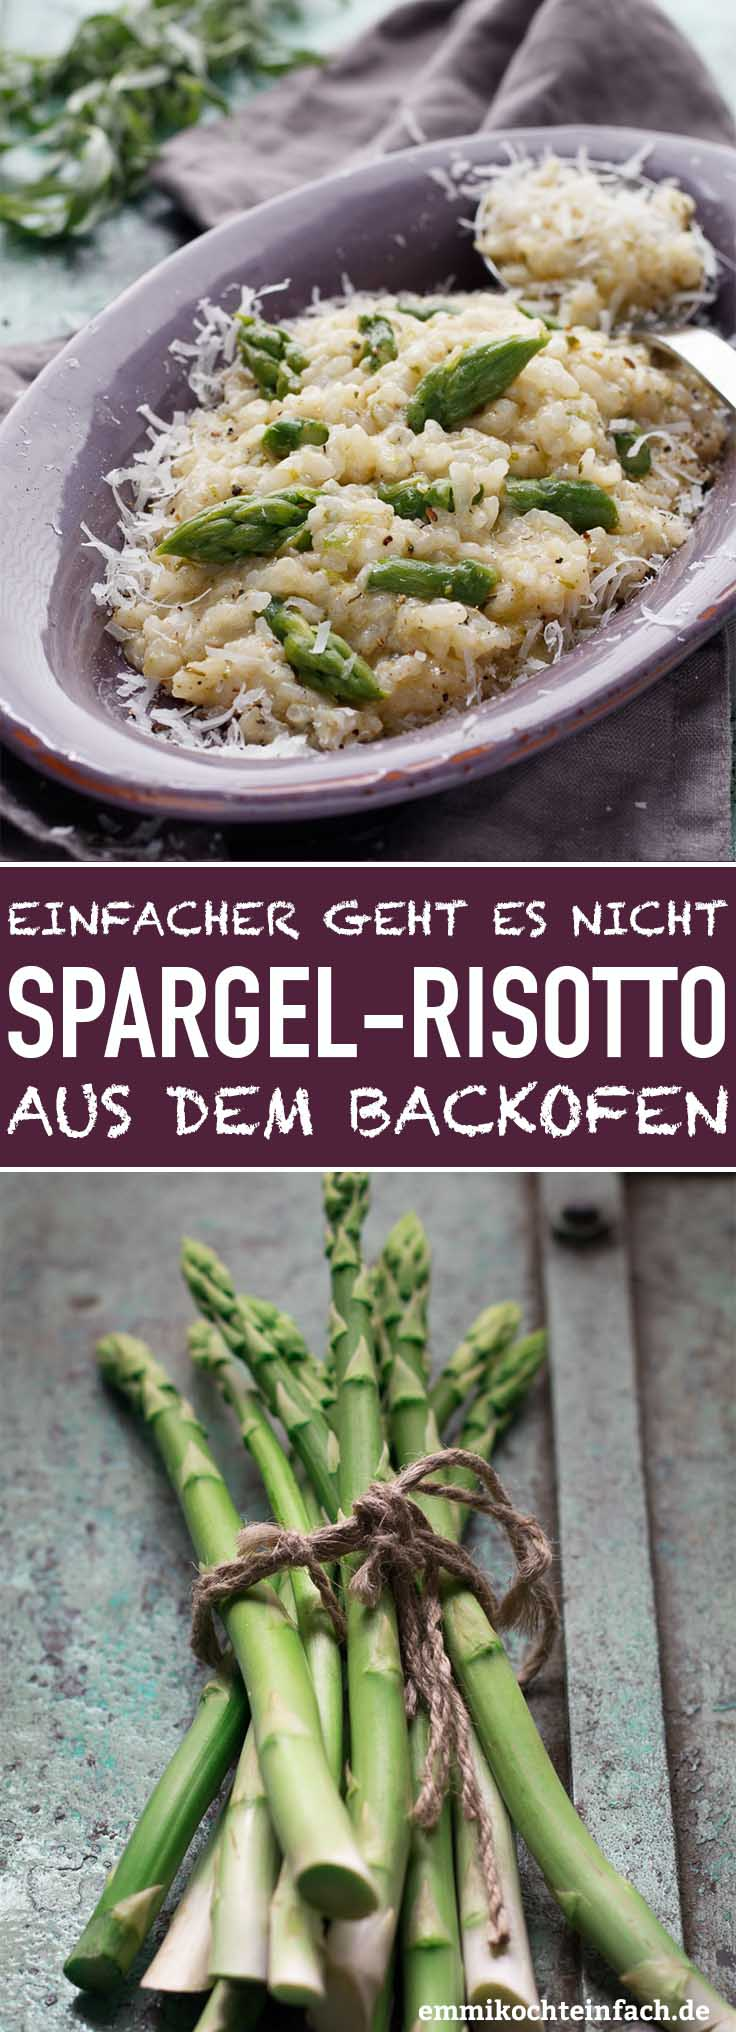 Spargelrisotto aus dem Ofen - www.emmikochteinfach.de